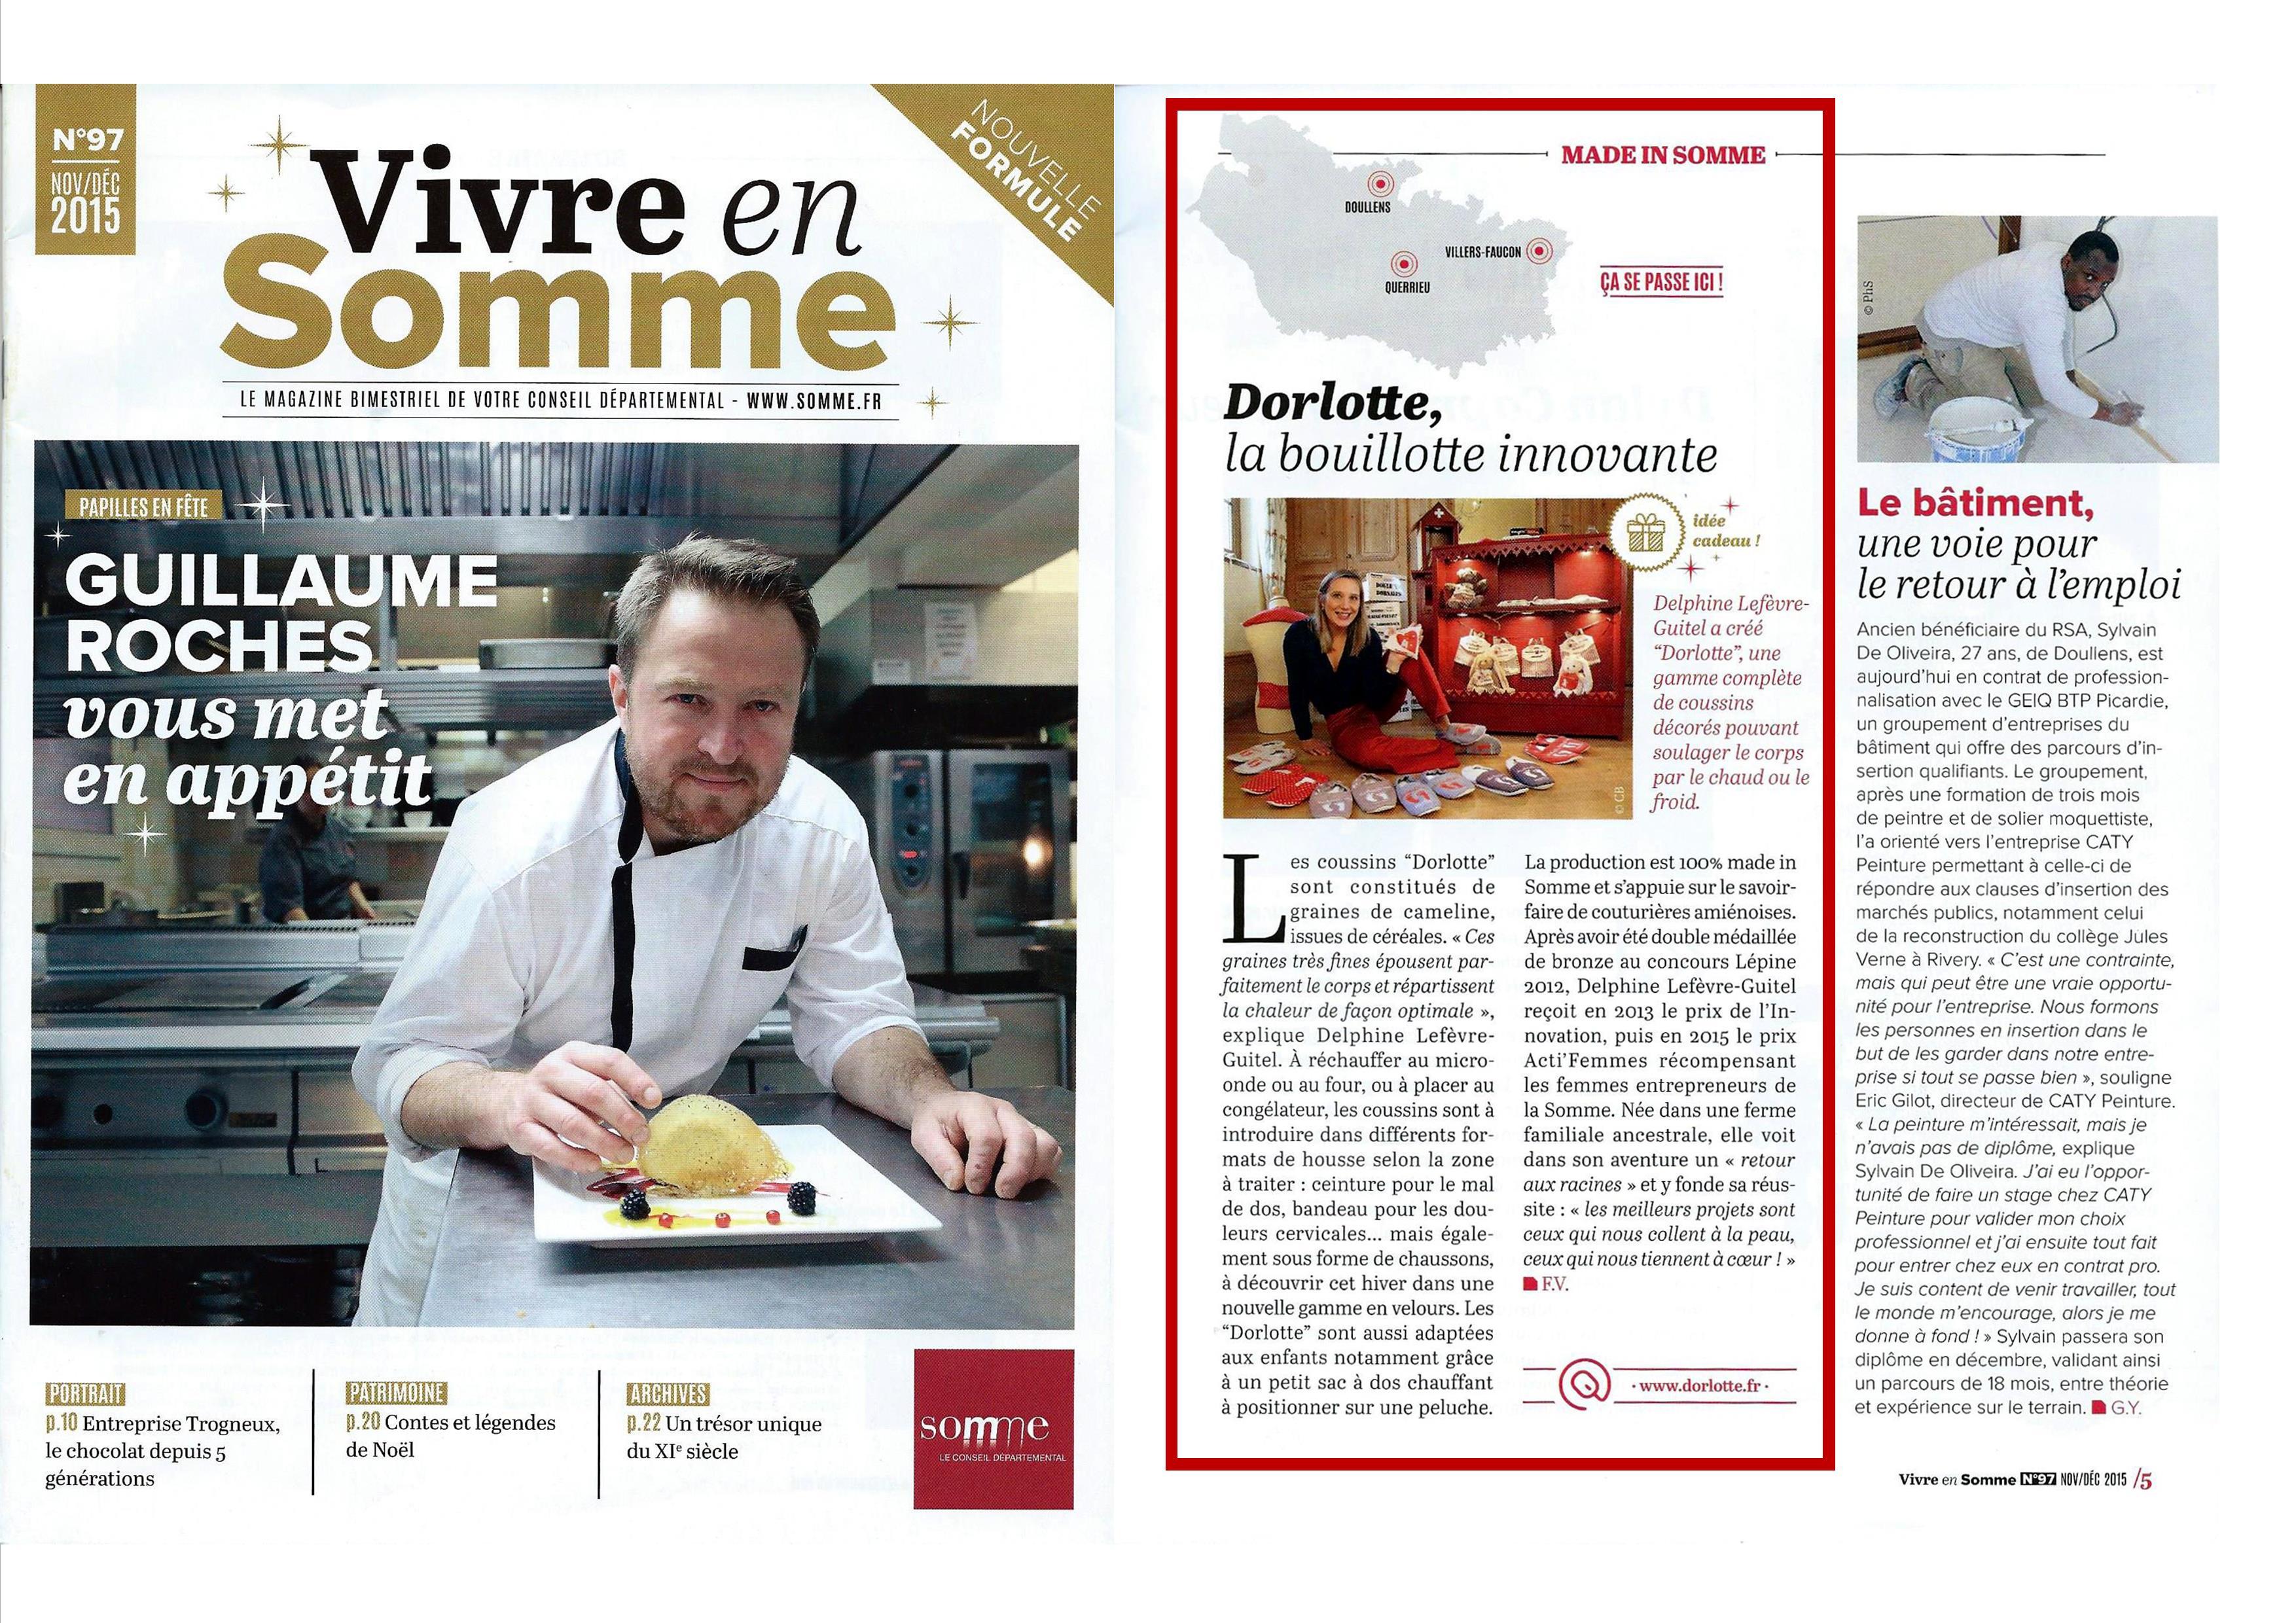 La bouillotte innovante Dorlotte sélectionnée par le magazine Vivre en Somme dans les idées de cadeaux de Noël